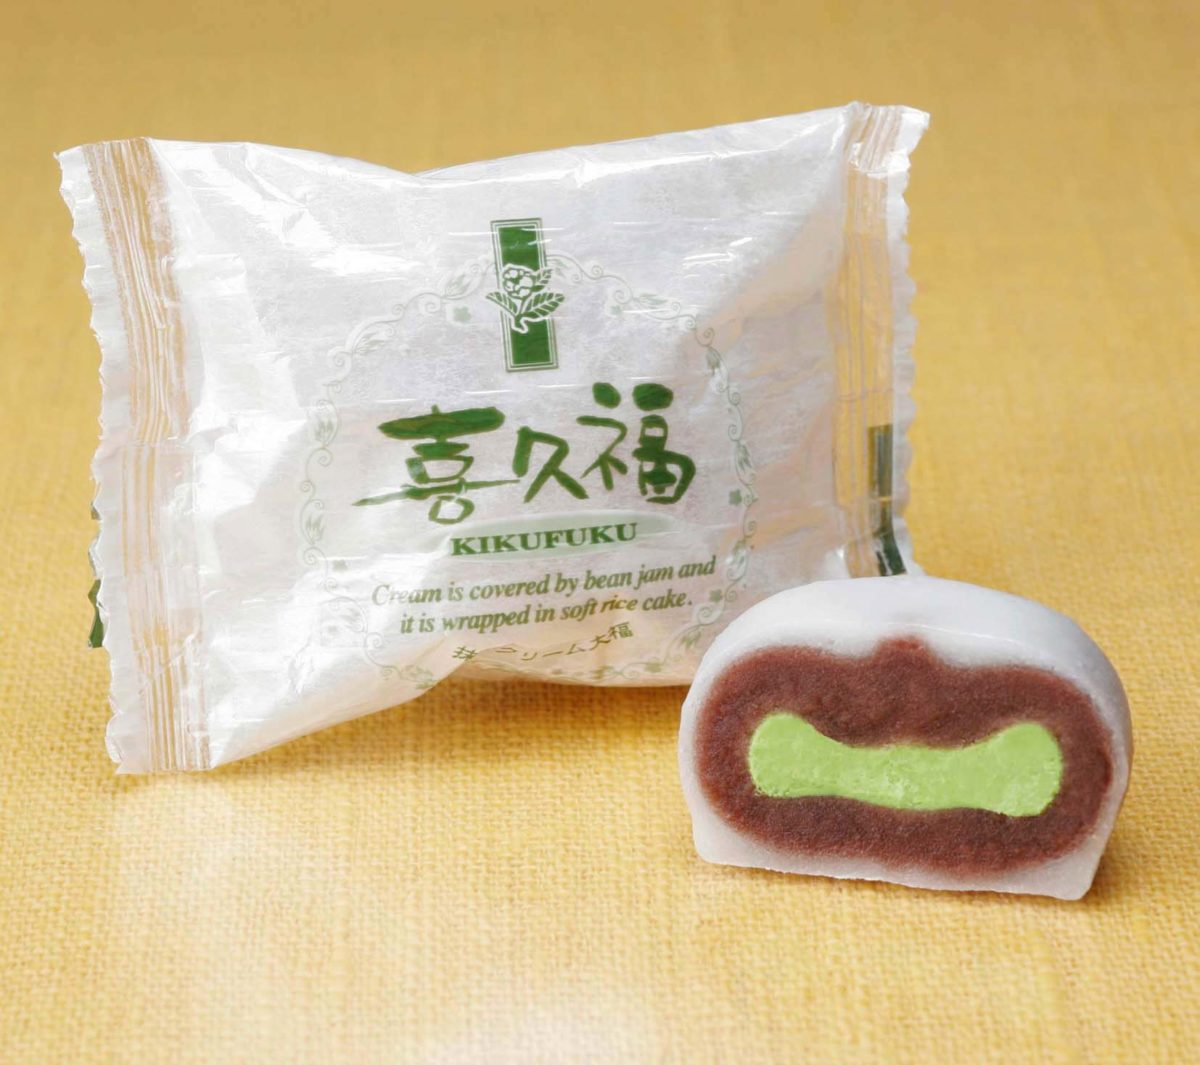 ジャンル:お茶の井ヶ田 喜久水庵